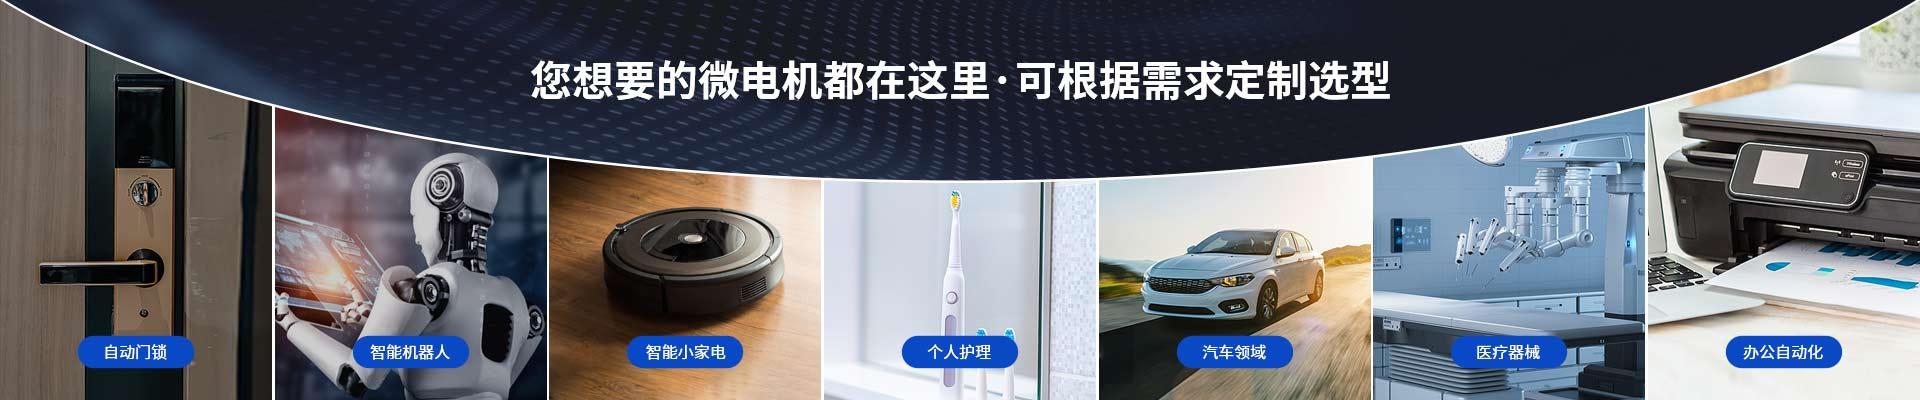 深圳顺昌电机-您想要的微电机都在这里,可根据需求定制选型